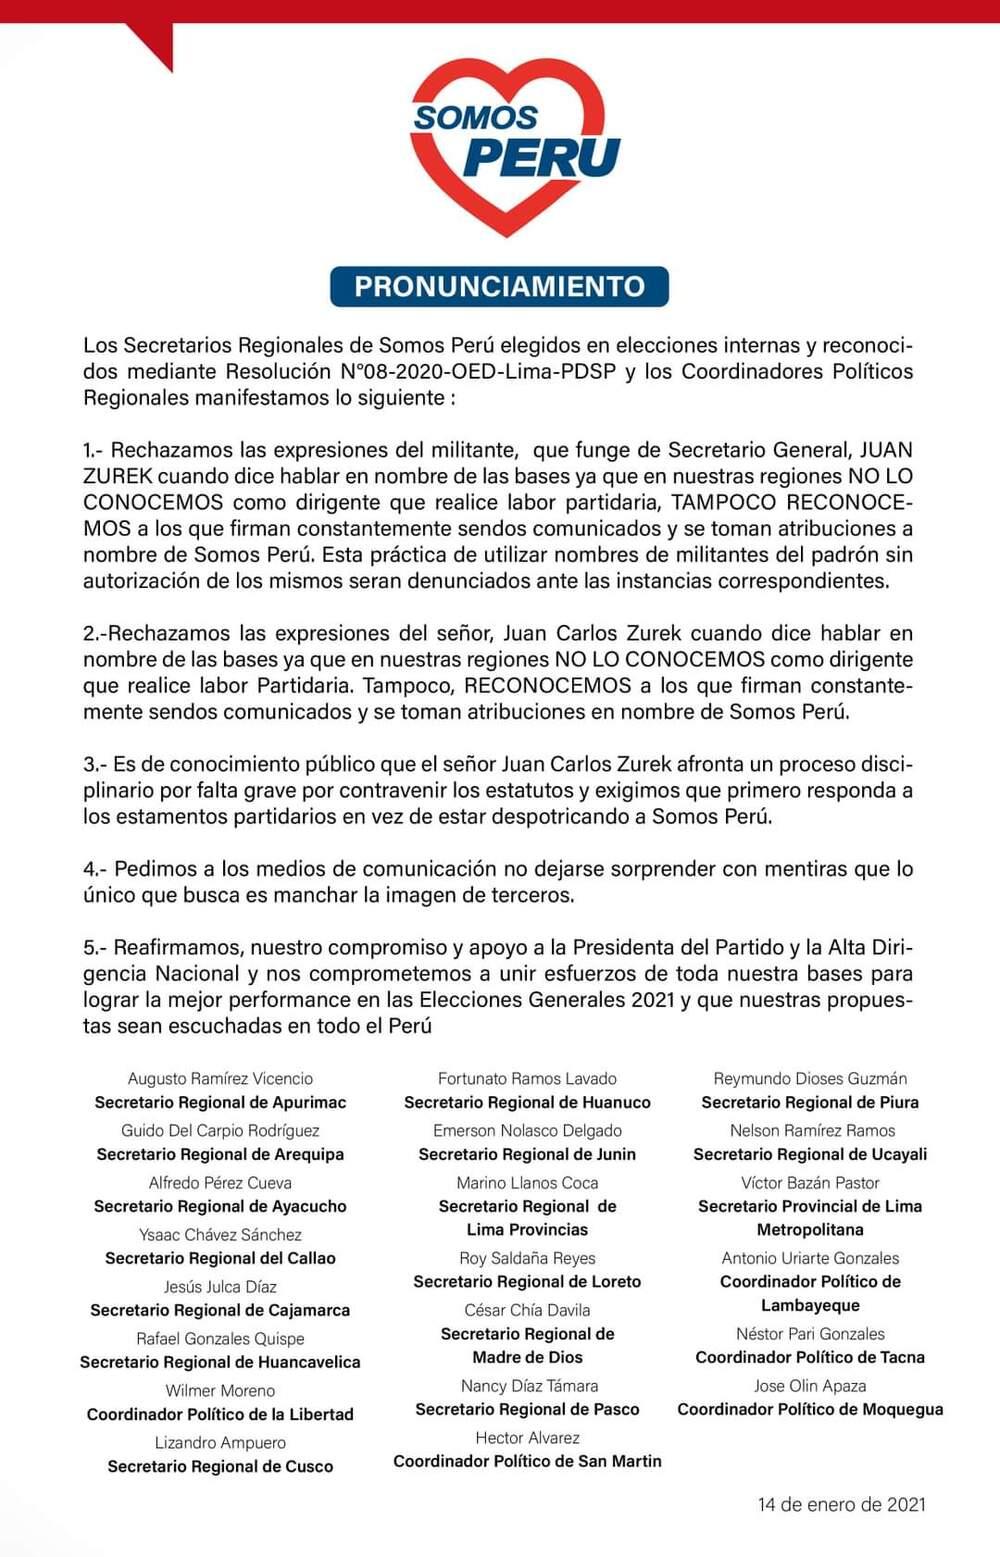 Martín Vizcarra y Daniel Salaverry en campaña para Elecciones 2021 por Somos Perú.